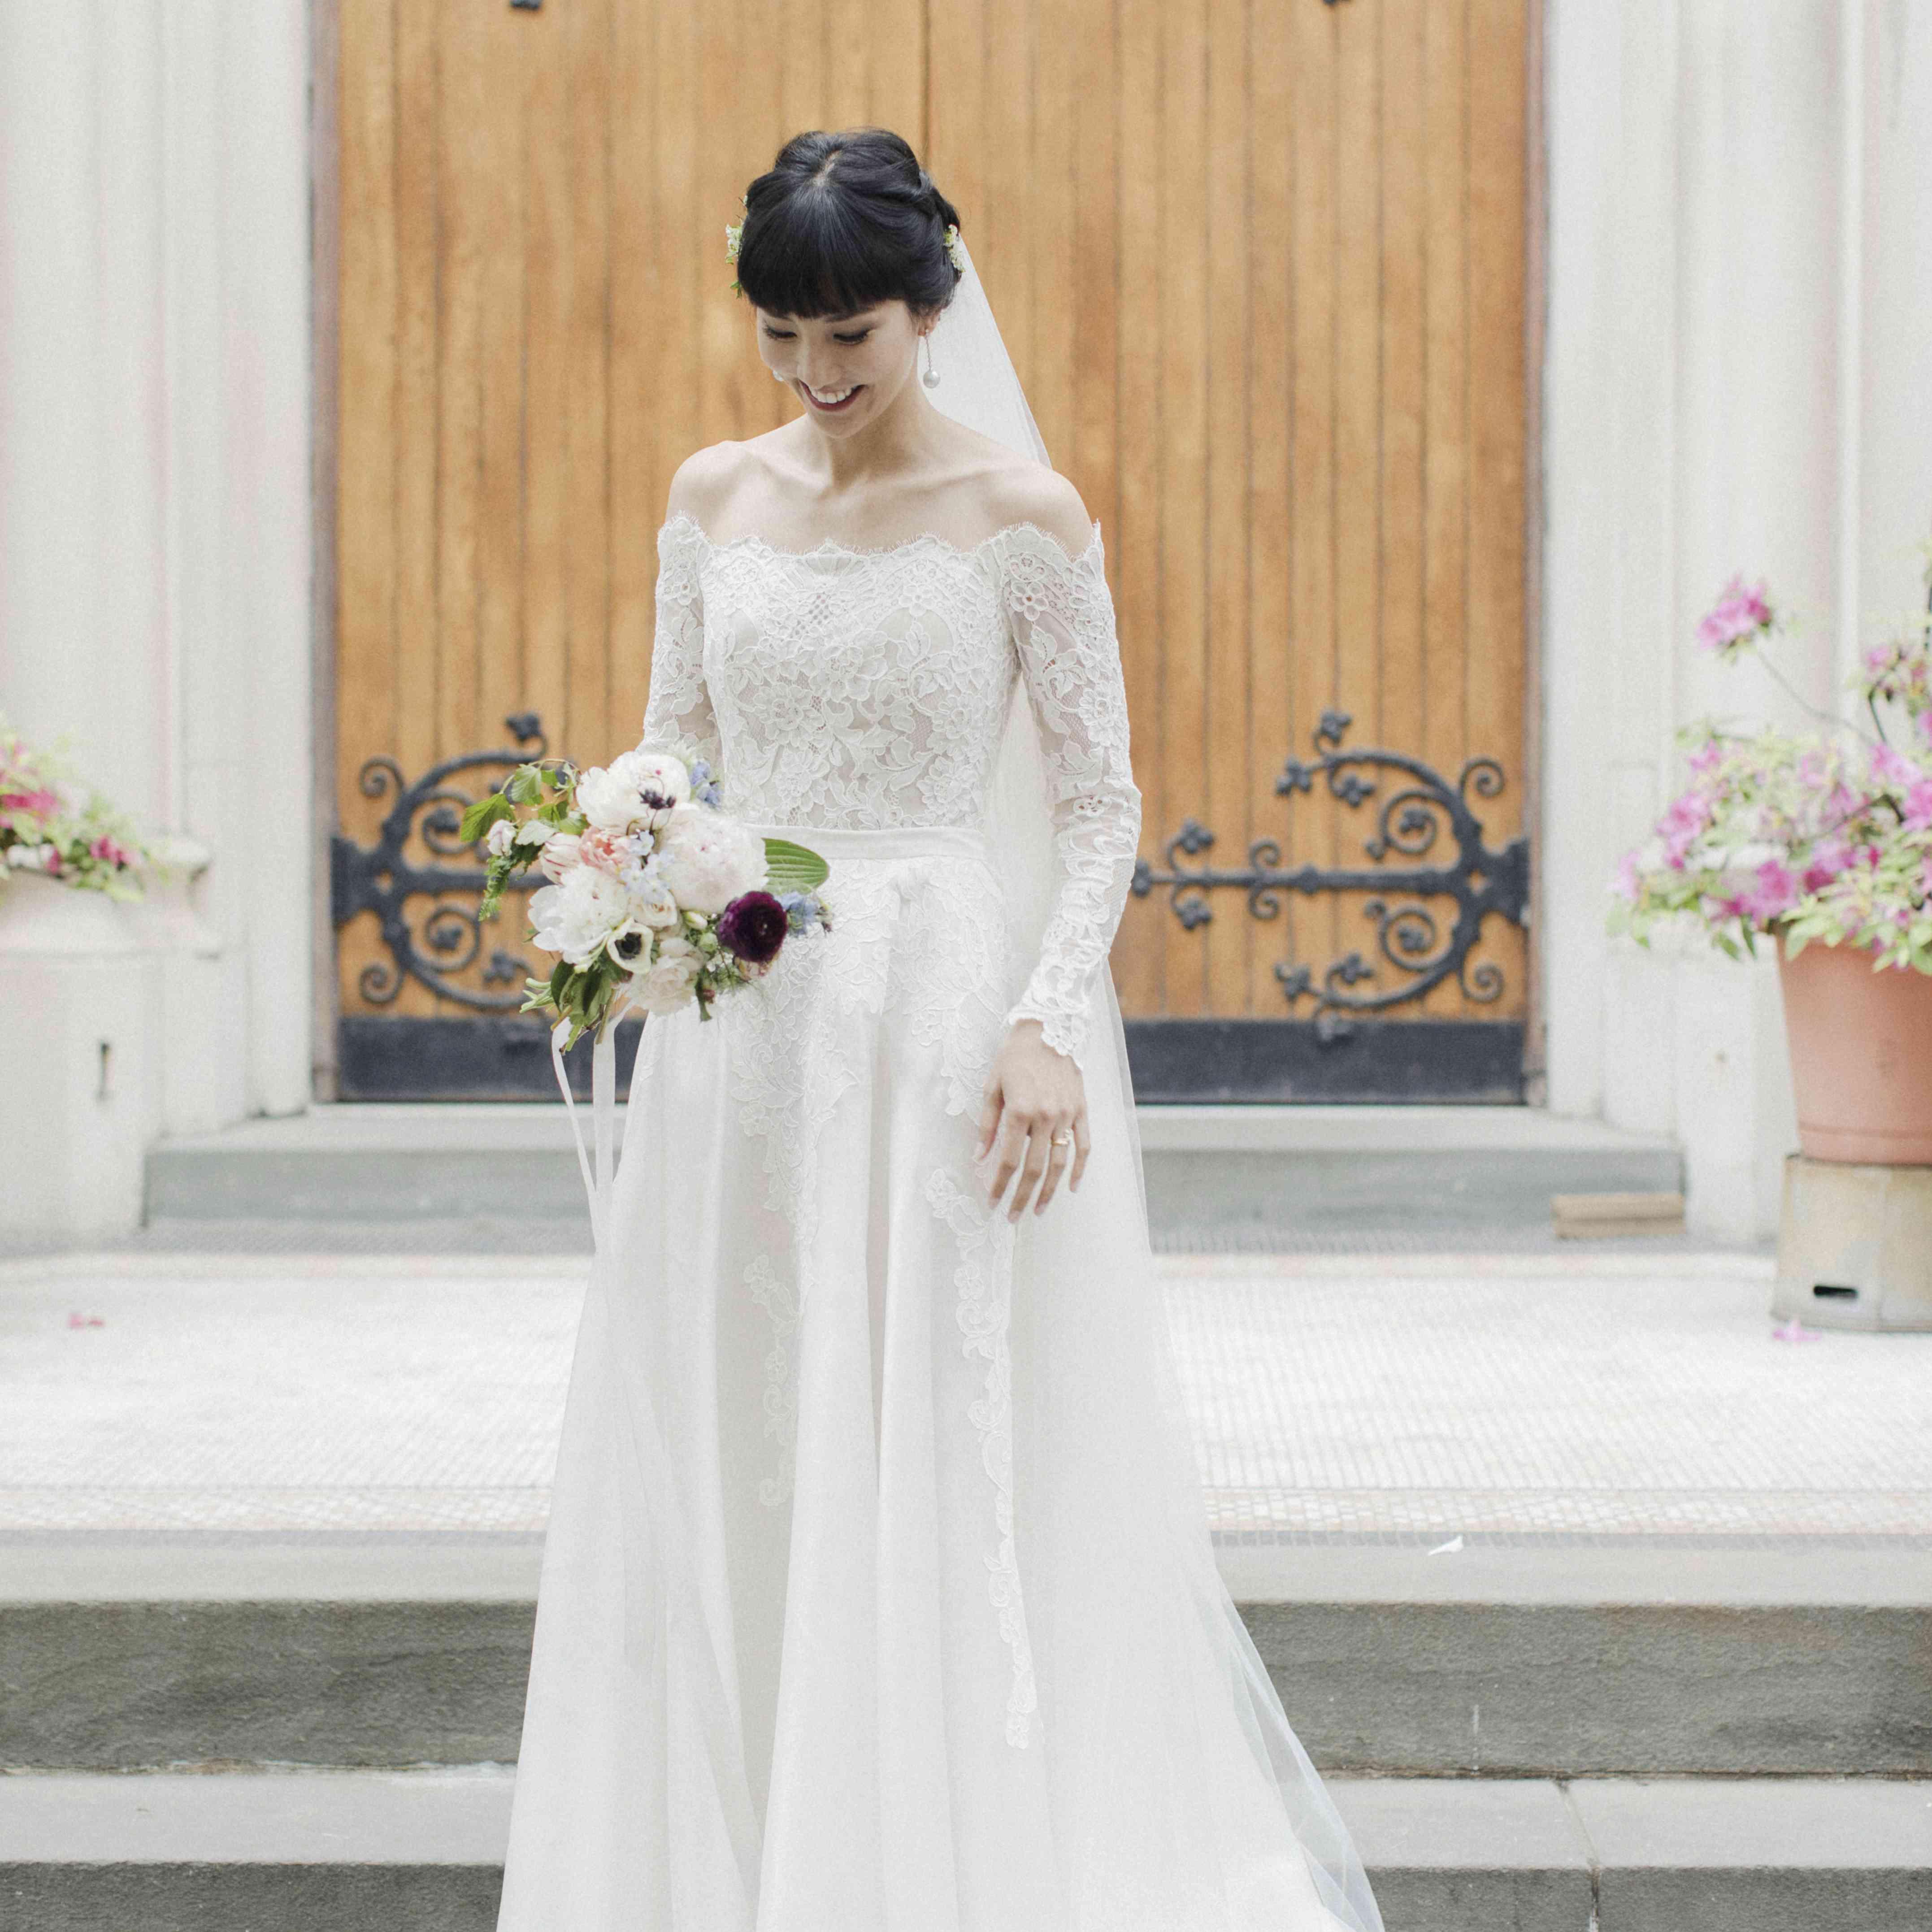 Bride in front of doors